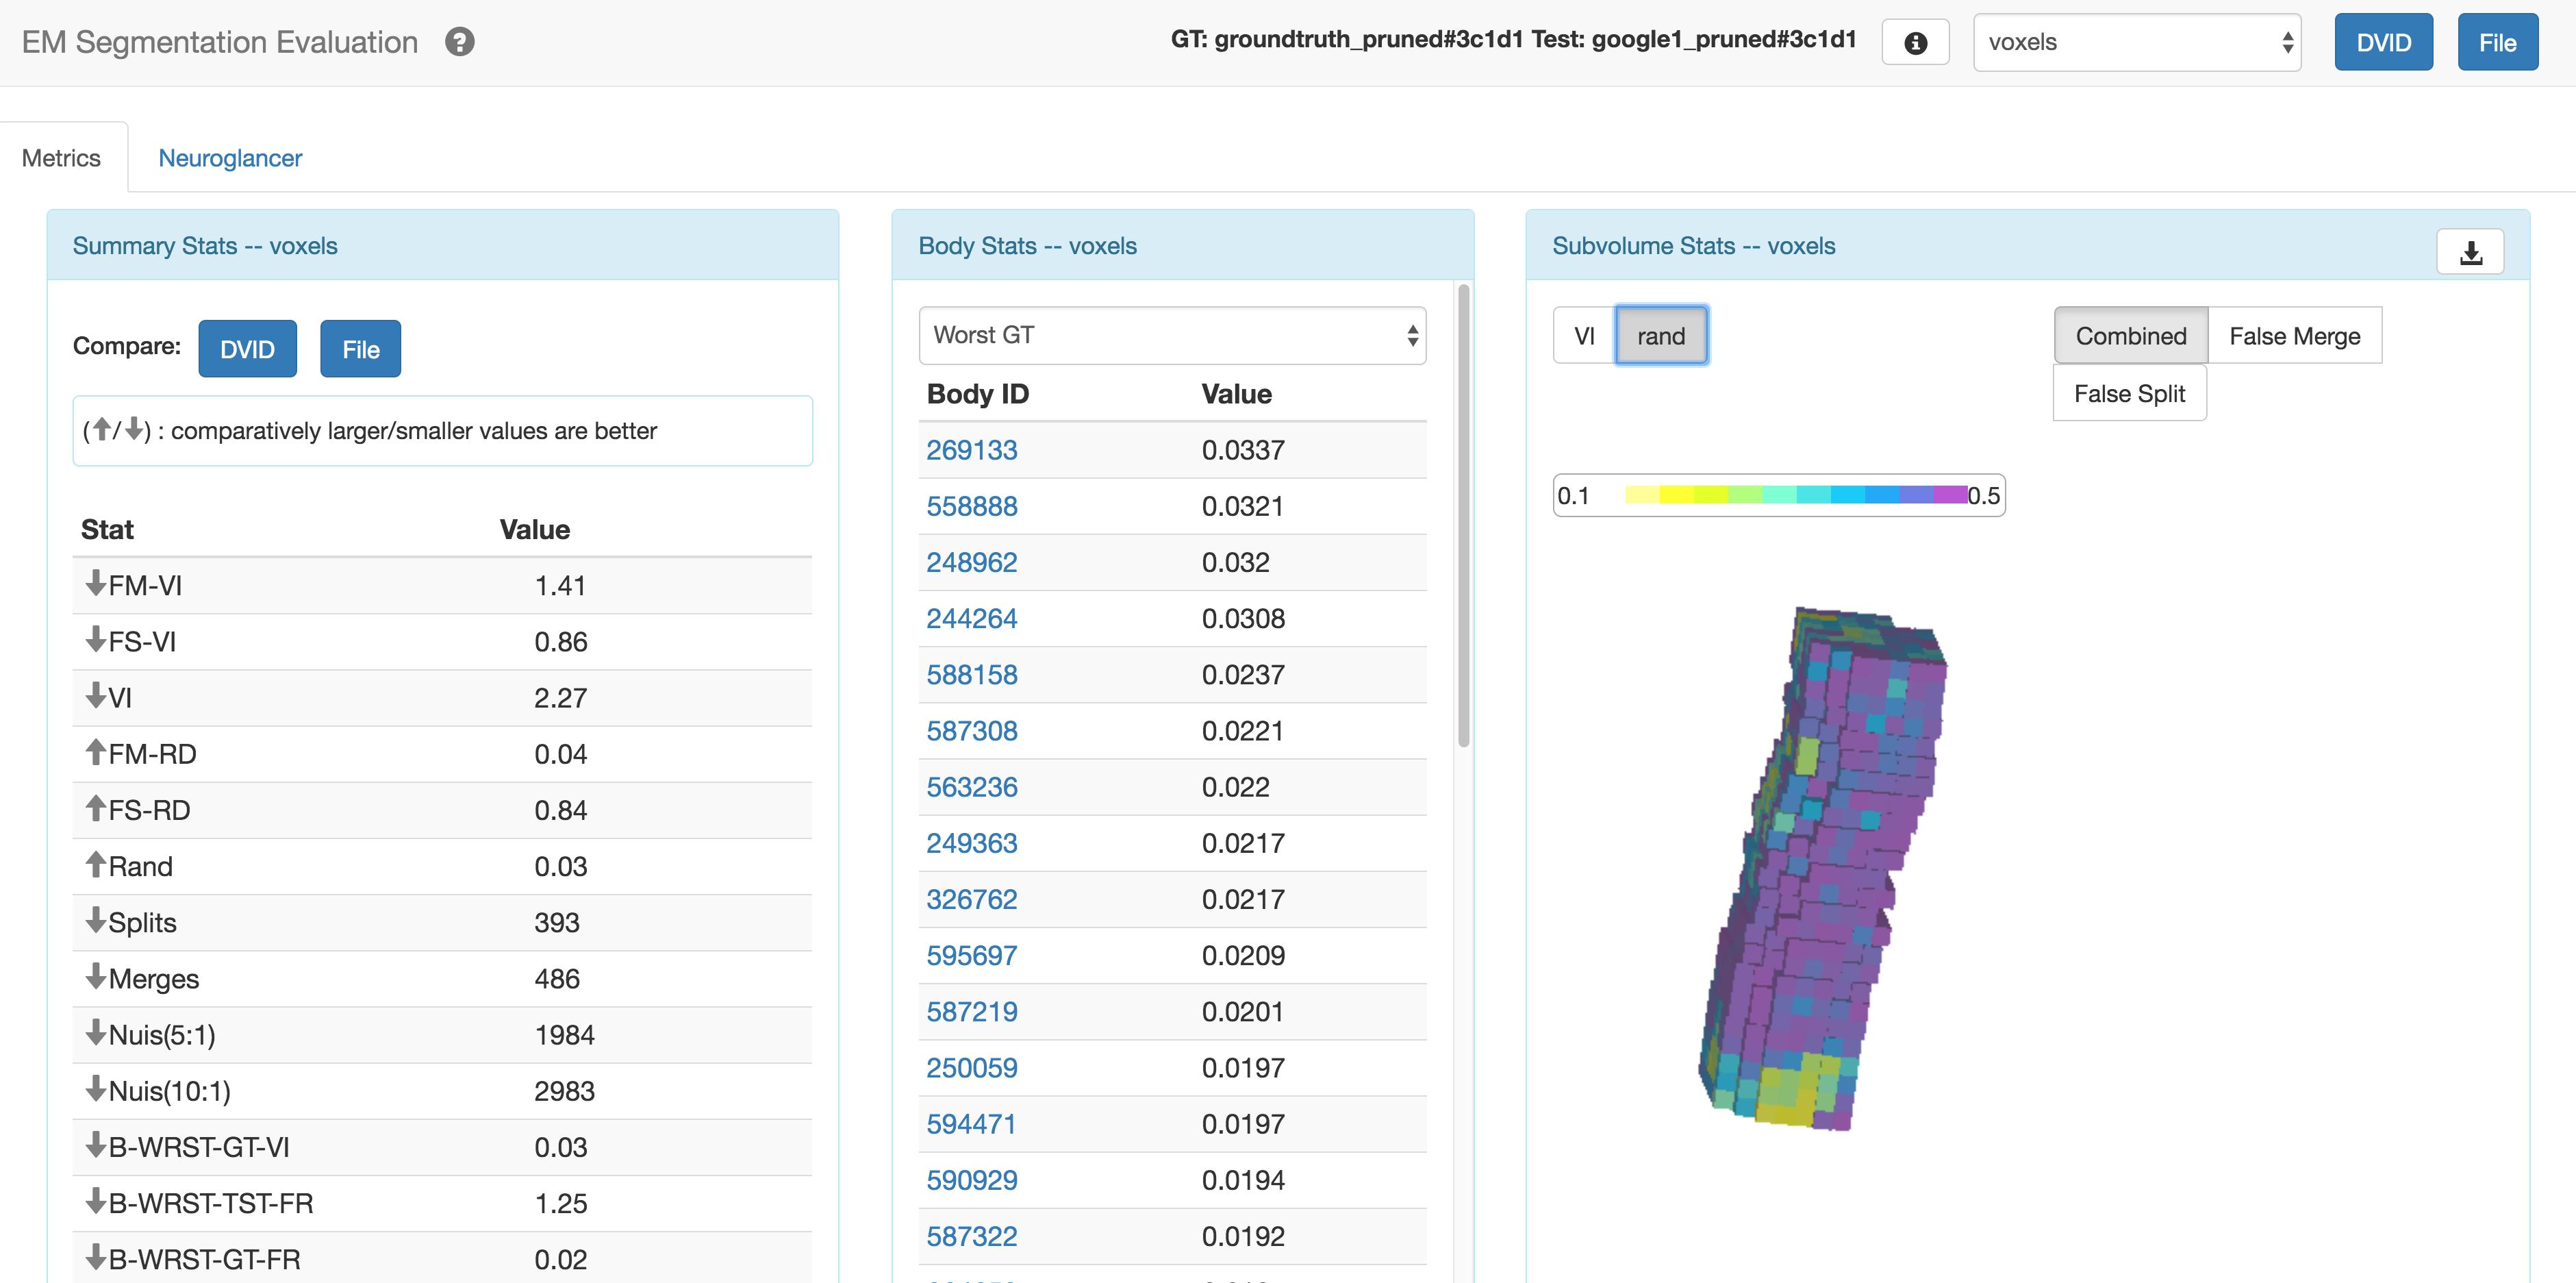 GitHub - janelia-flyem/SegmentationEvaluationConsole: Web